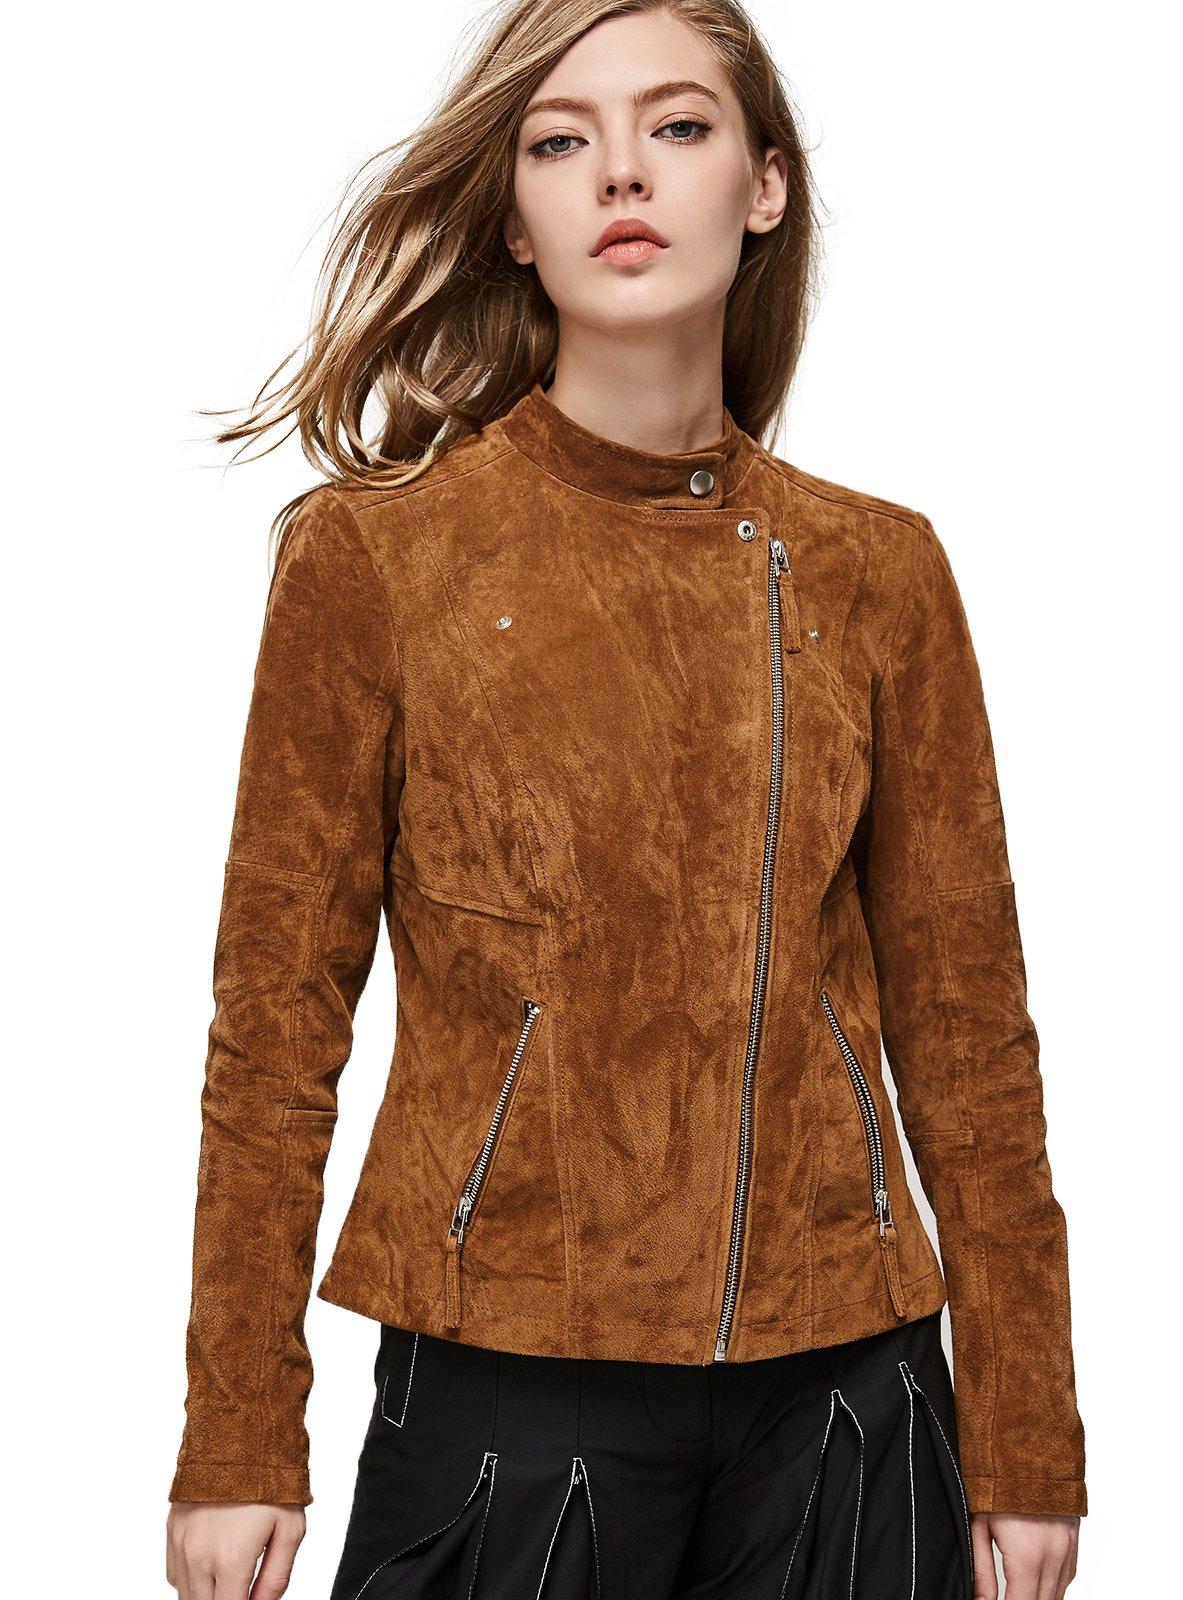 Escalier Women`s Genuine Leather Jacket Zipper Suede Moto Biker Coat Coffee L